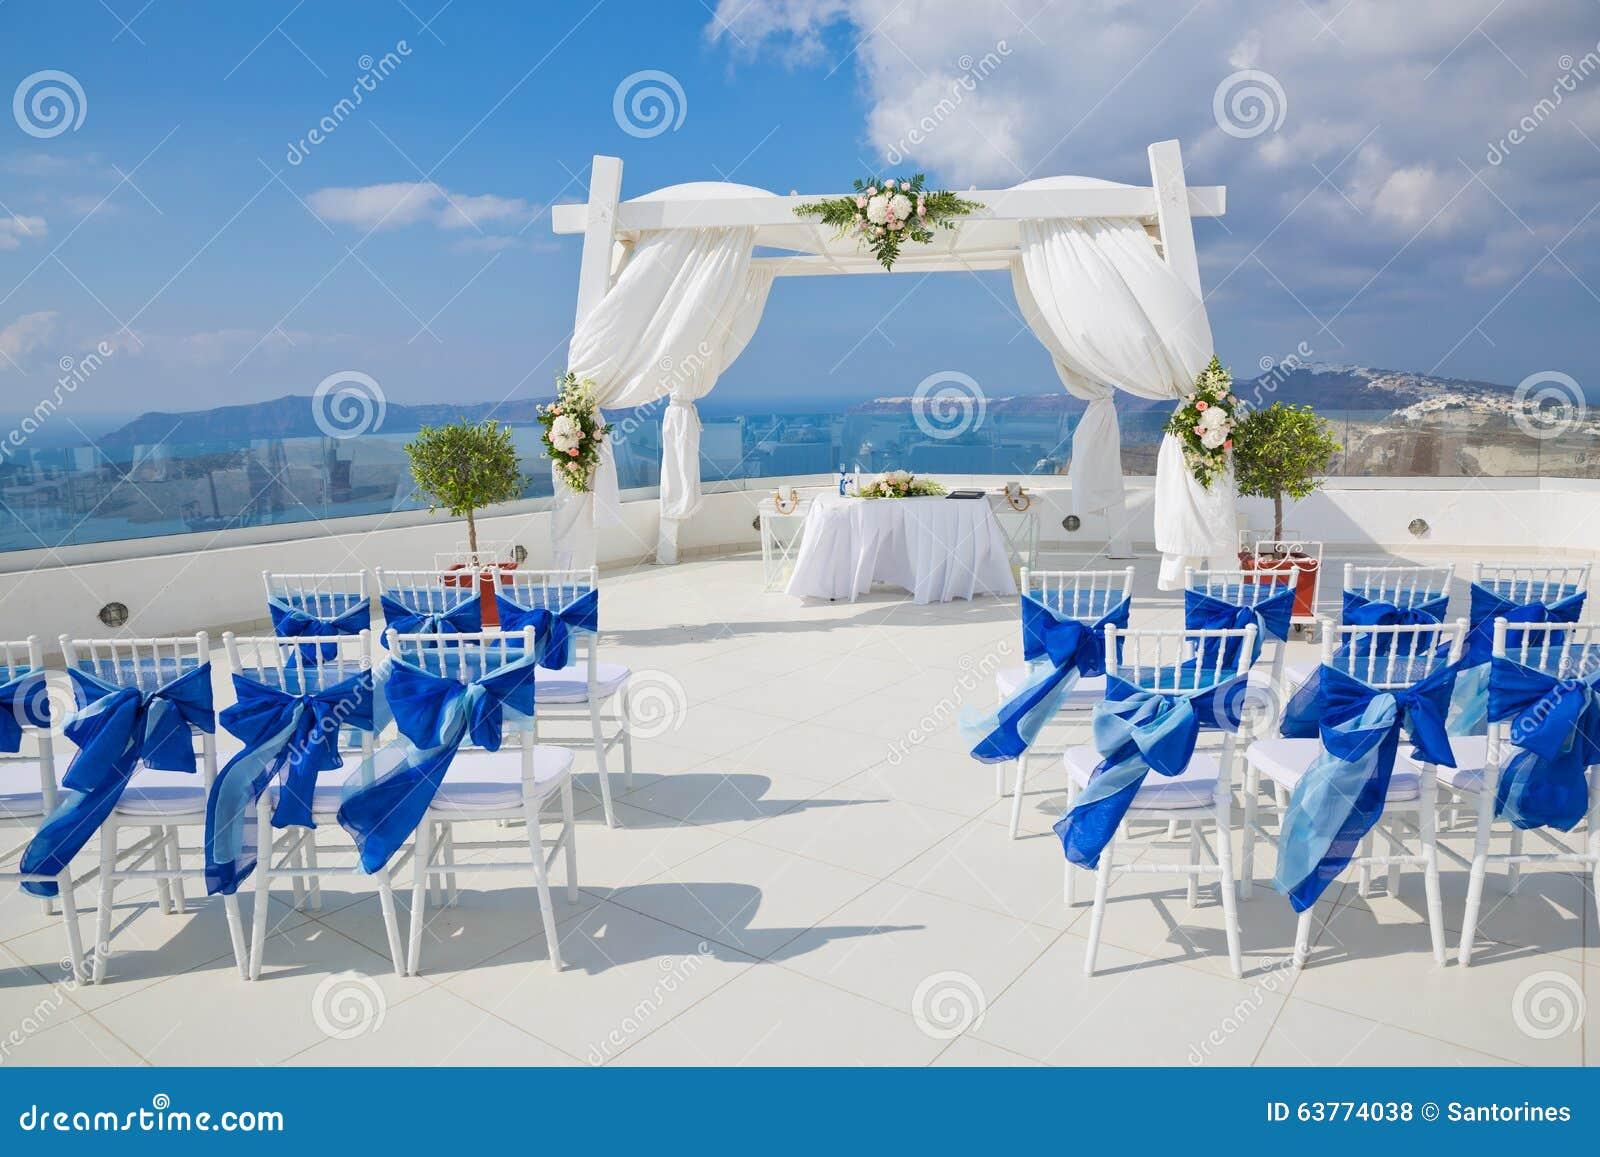 Feiertagsdekorationen für die Hochzeit